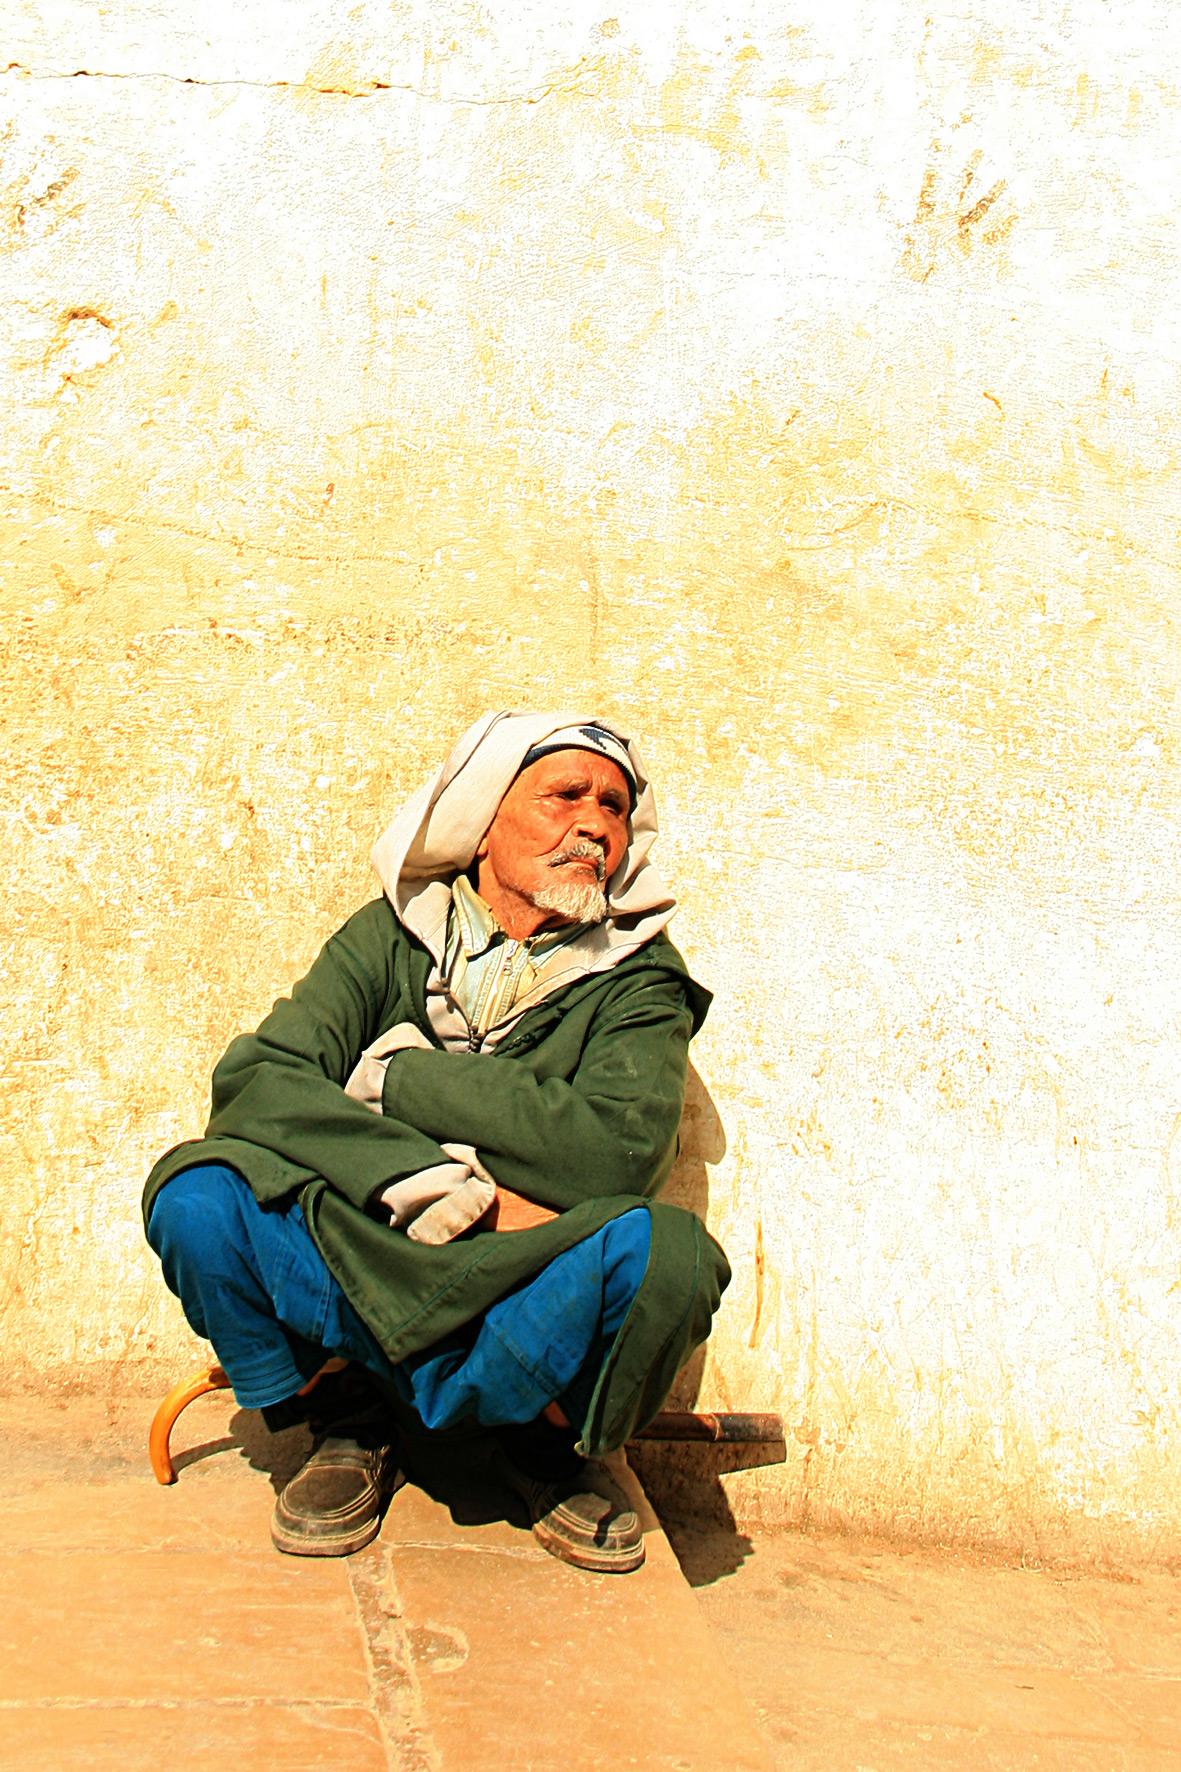 #Afrique 9. Maroc, Fès. 2008